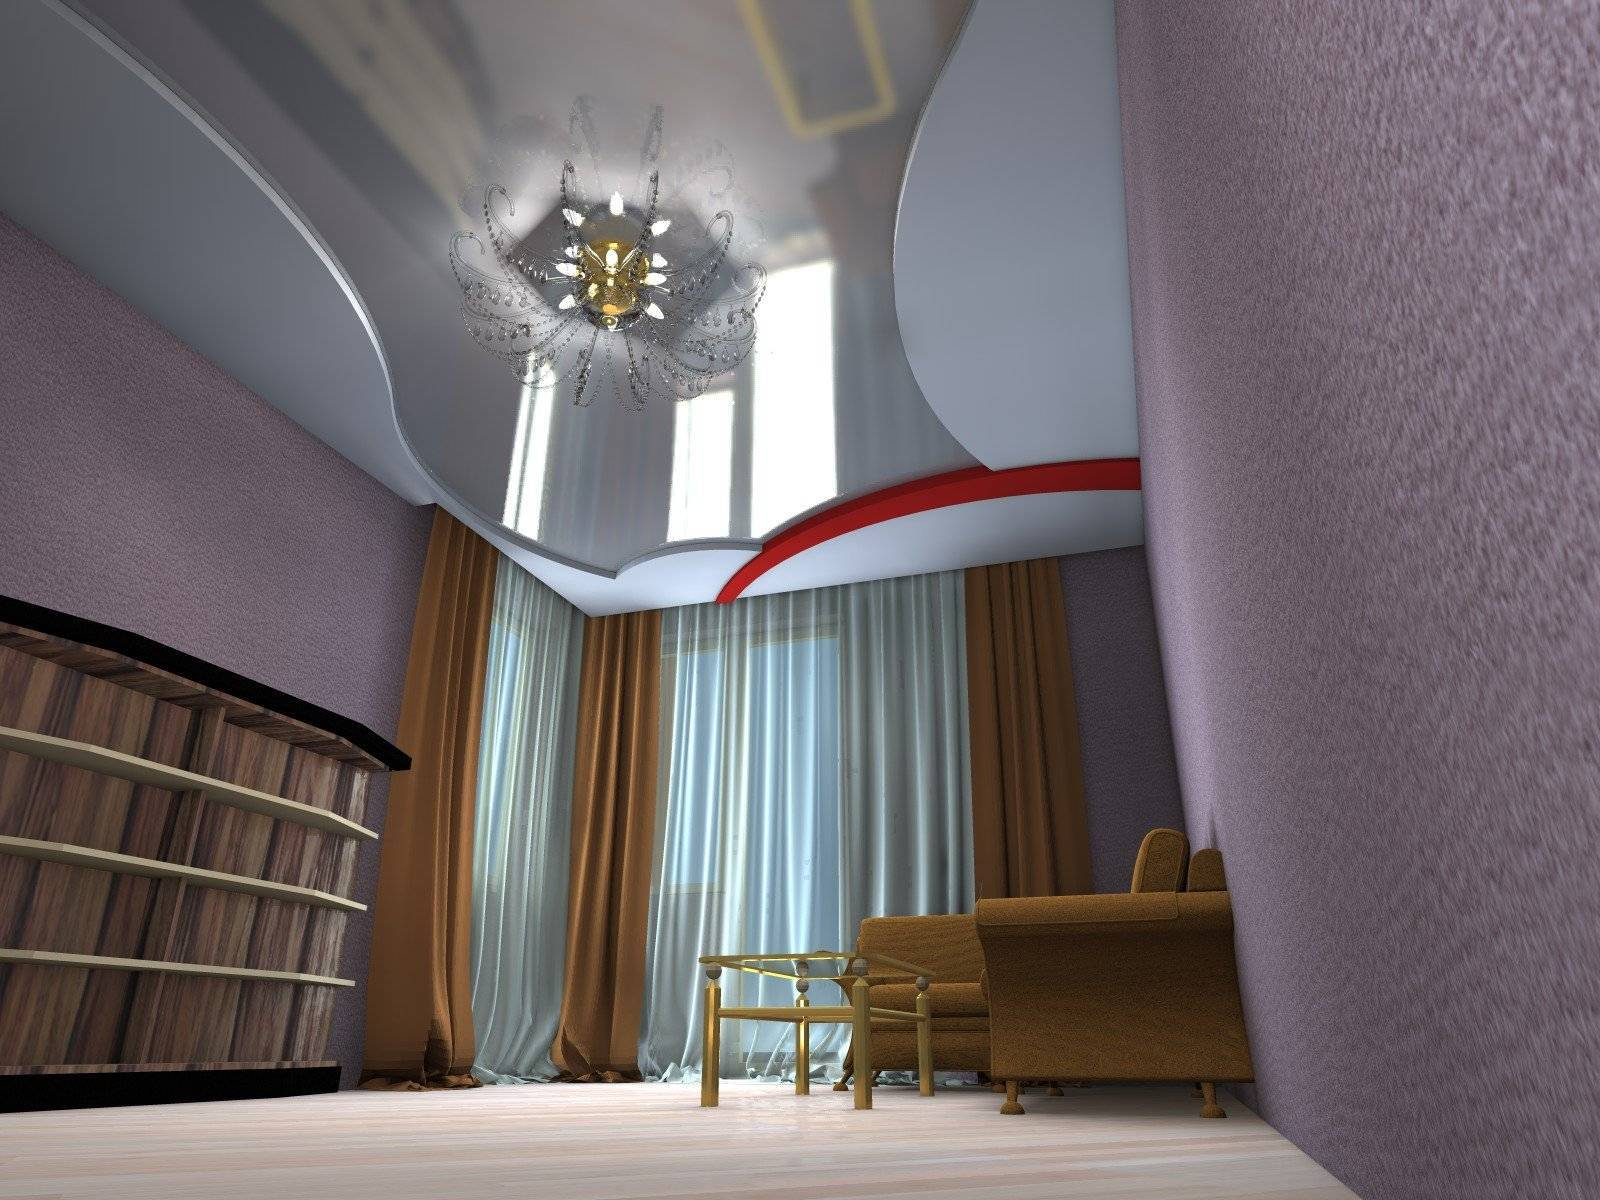 Как визуально увеличить высоту потолка? (13 фото)